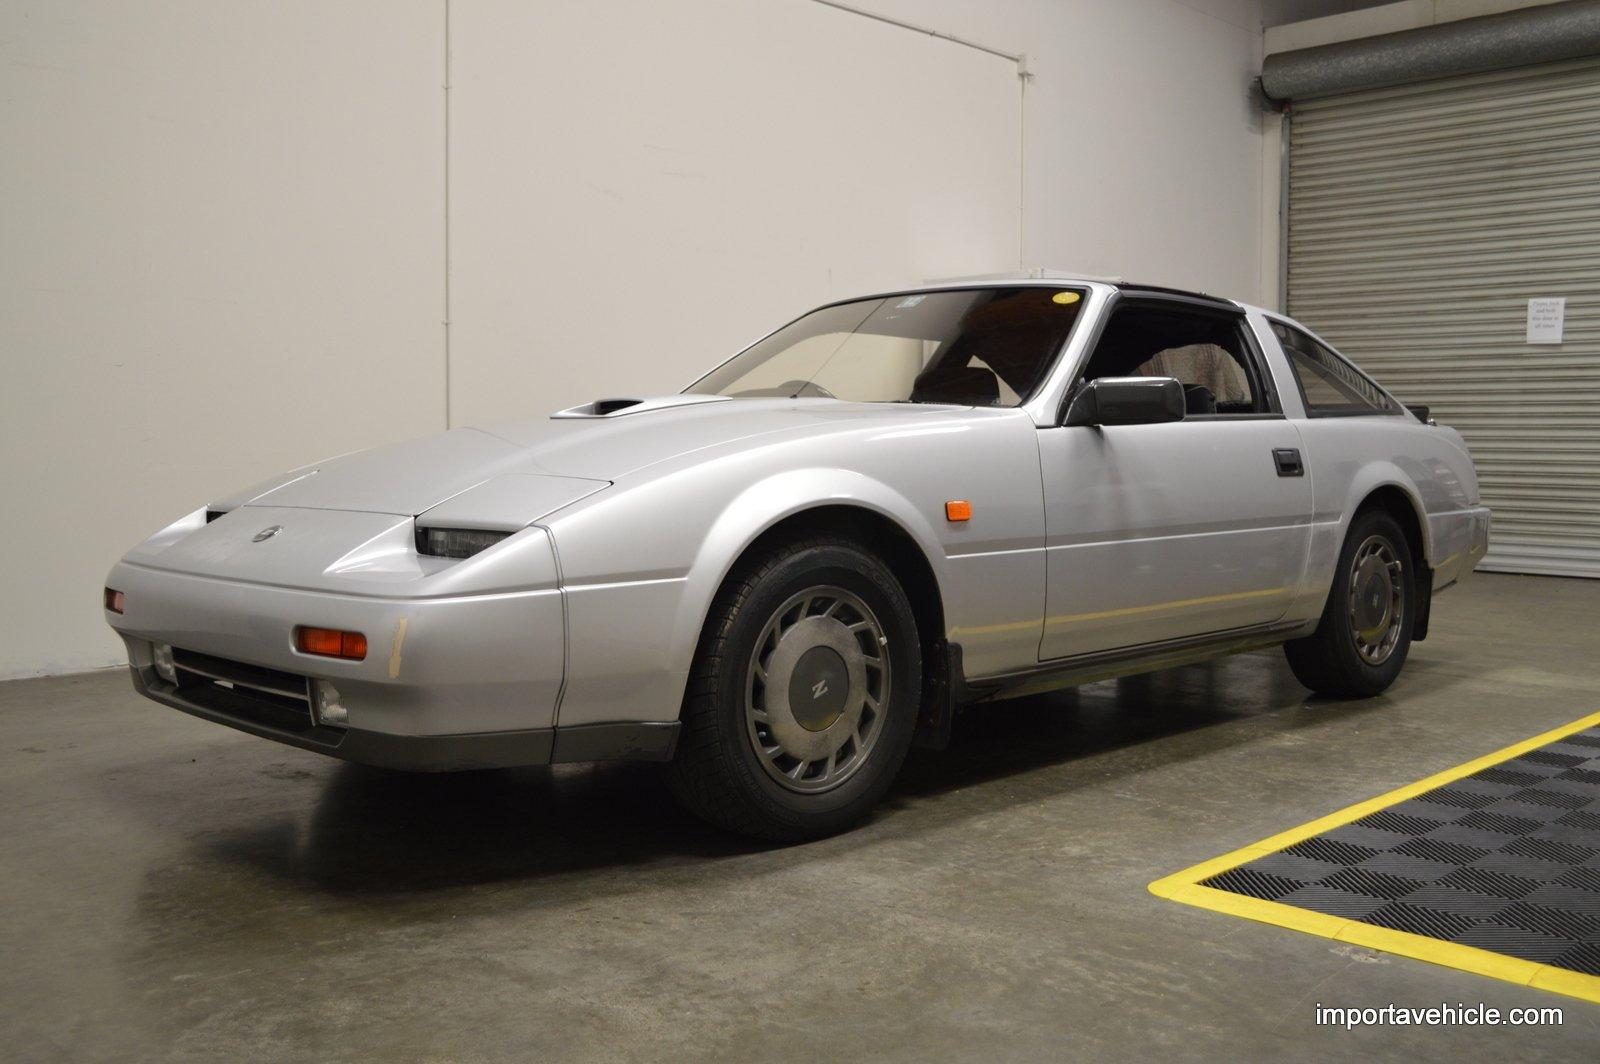 1986 Nissan Fairlady